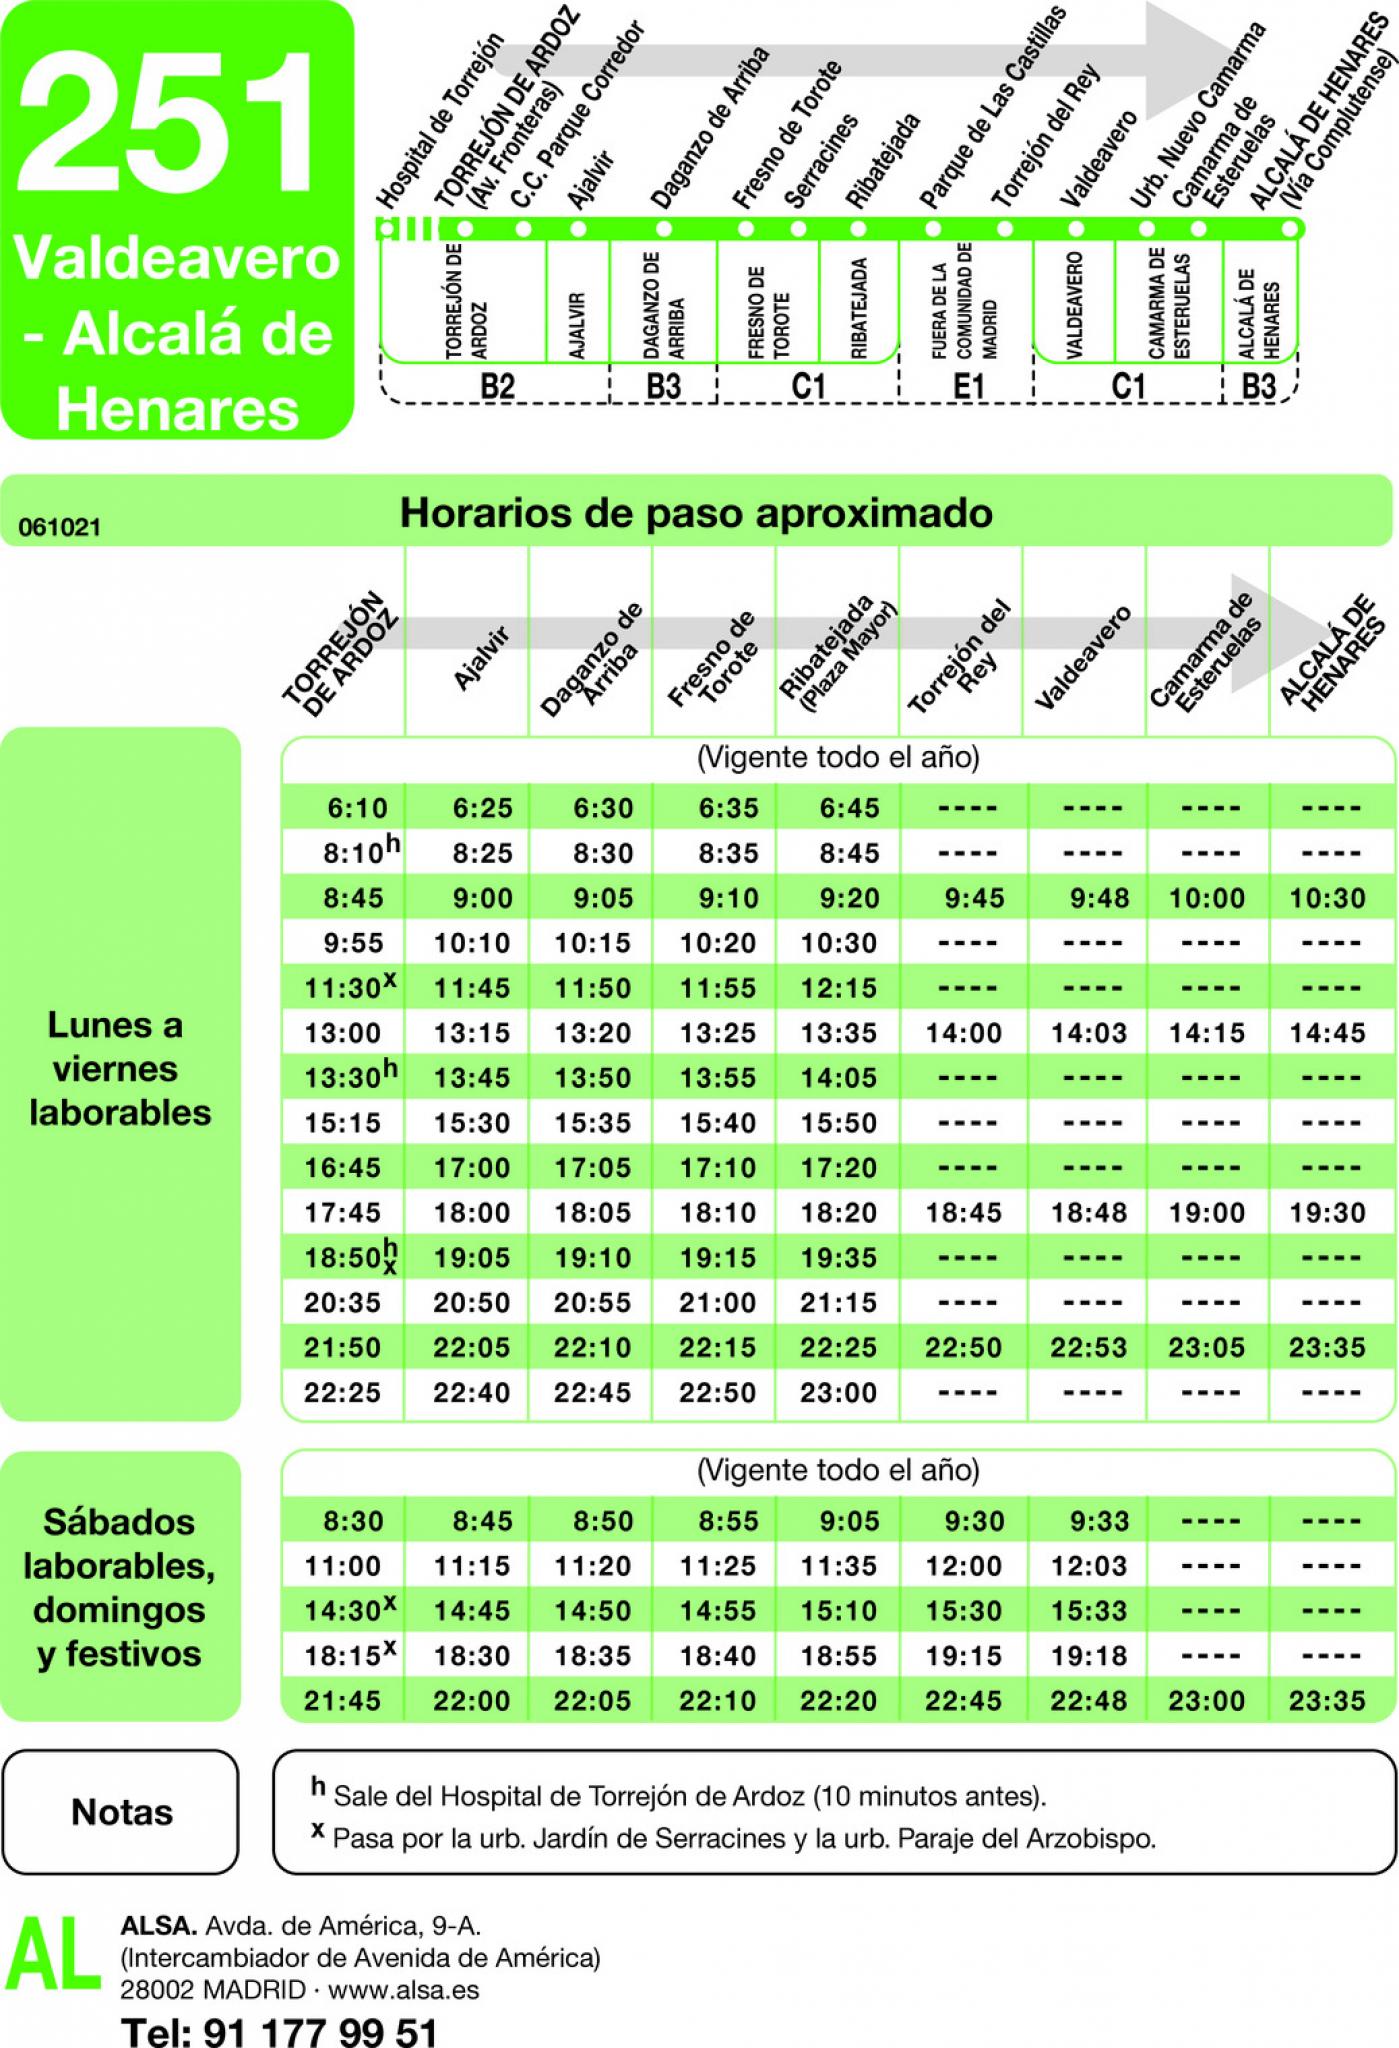 Tabla de horarios y frecuencias de paso en sentido ida Línea 251: Torrejón de Ardoz - Valdeavero - Alcalá de Henares